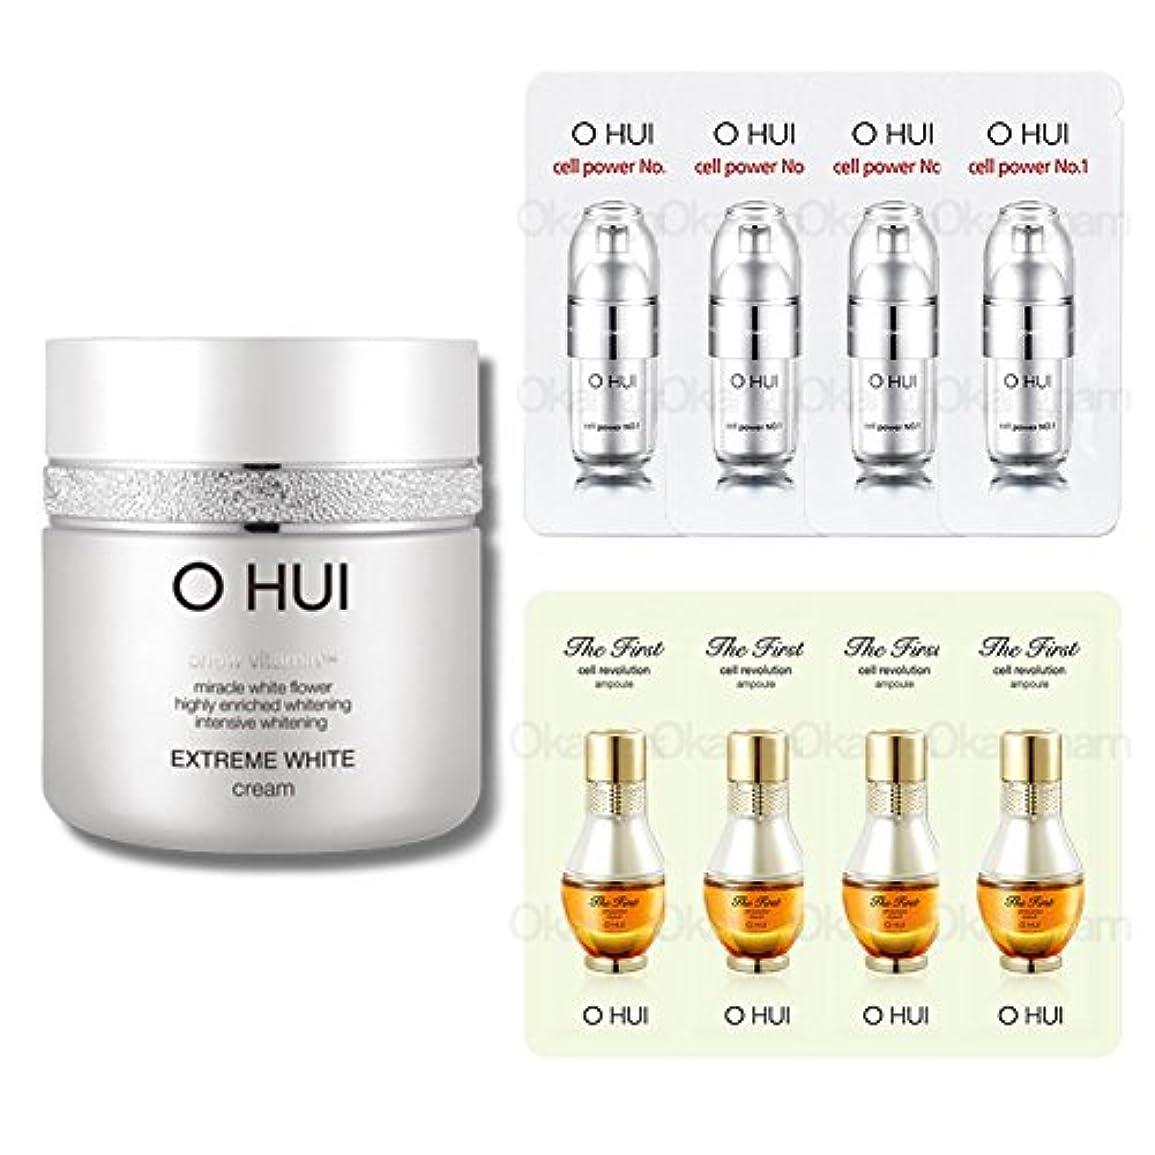 追記行政過言[オフィ/ O HUI]韓国化粧品 LG生活健康/ OHUI OEW04 EXTREME WHITE CREAM/オフィ エクストリーム ホワイトクリーム 50ml +[Sample Gift](海外直送品)